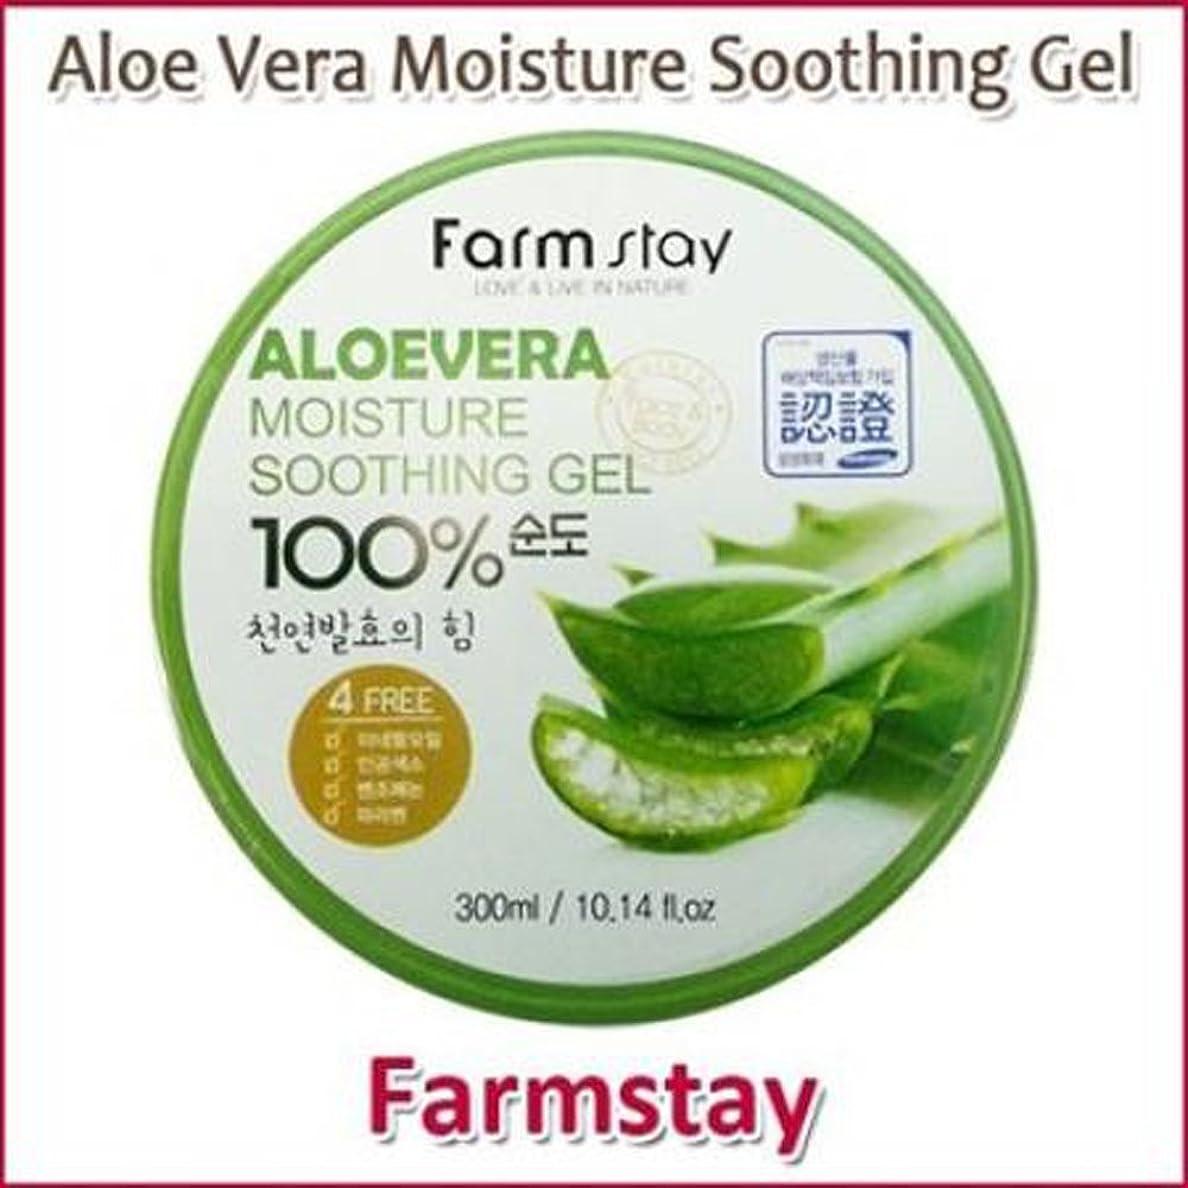 いつか痴漢薄いFarm Stay Aloe Vera Moisture Soothing Gel 300ml /オーガニック アロエベラゲル 100%/保湿ケア/韓国コスメ/Aloe Vera 100% /Moisturizing [並行輸入品]